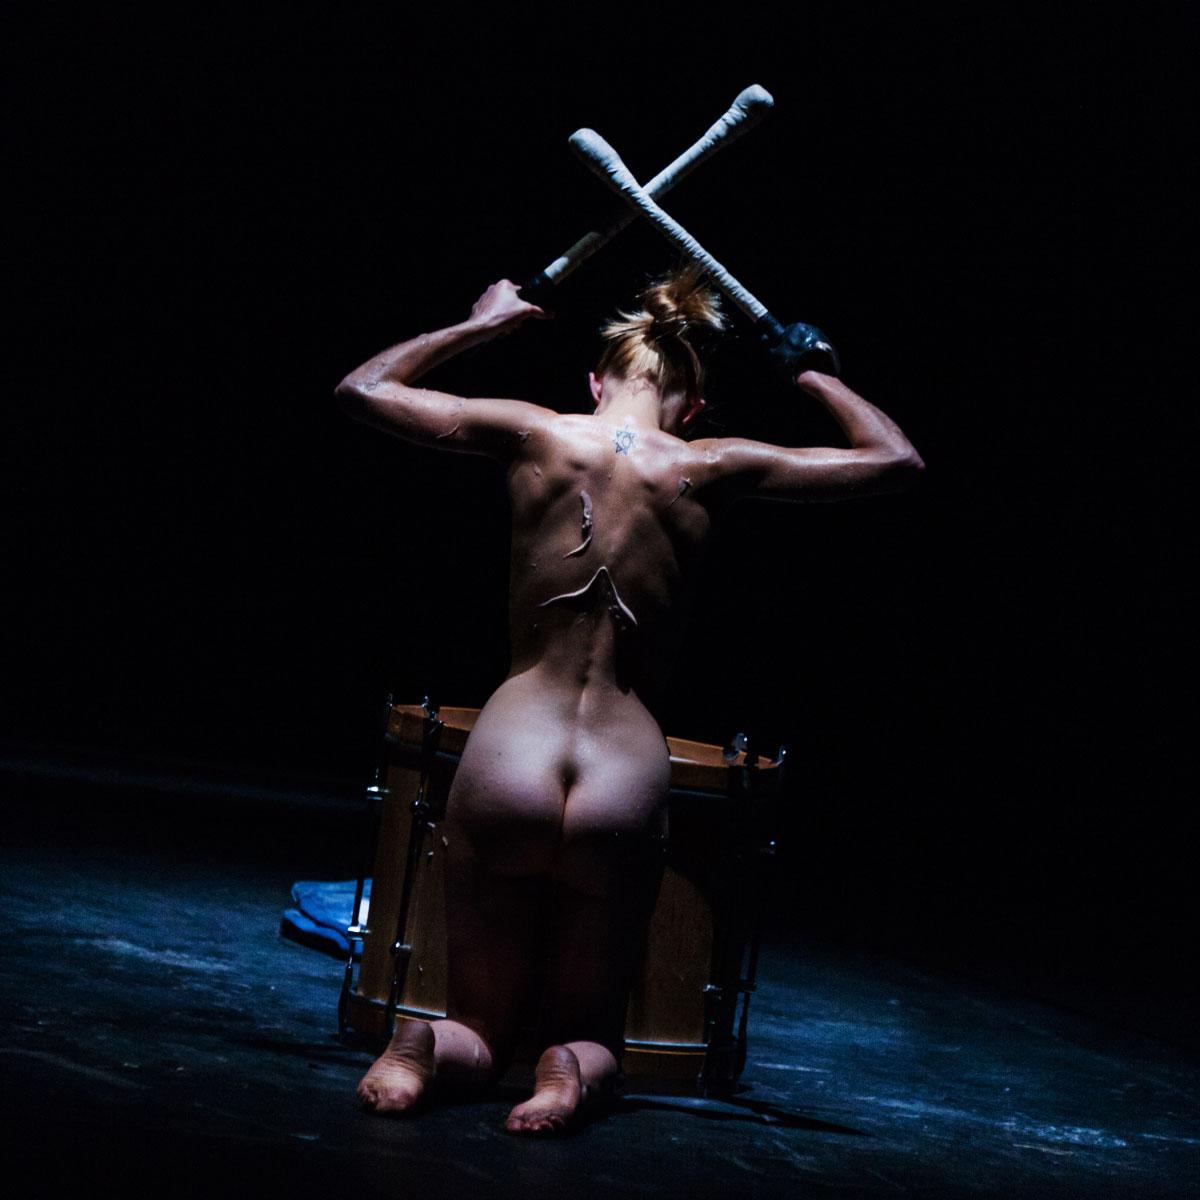 photo théâtre mise en scène castellucci hey girl femme tambour